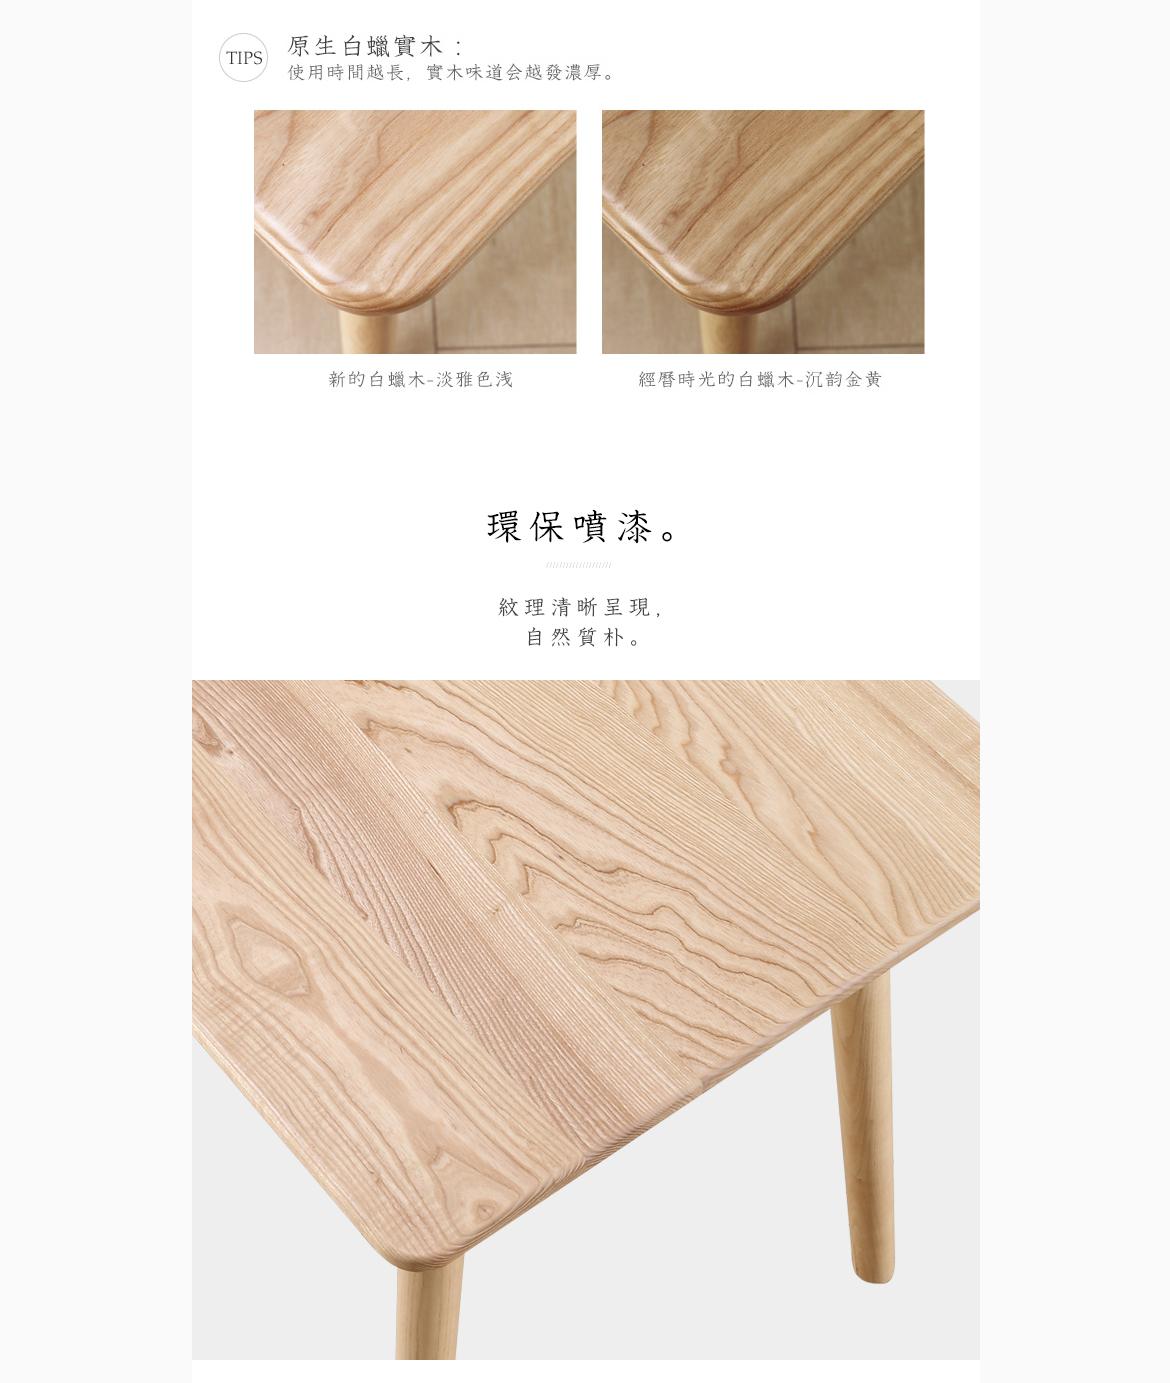 SW1702实木餐台_07